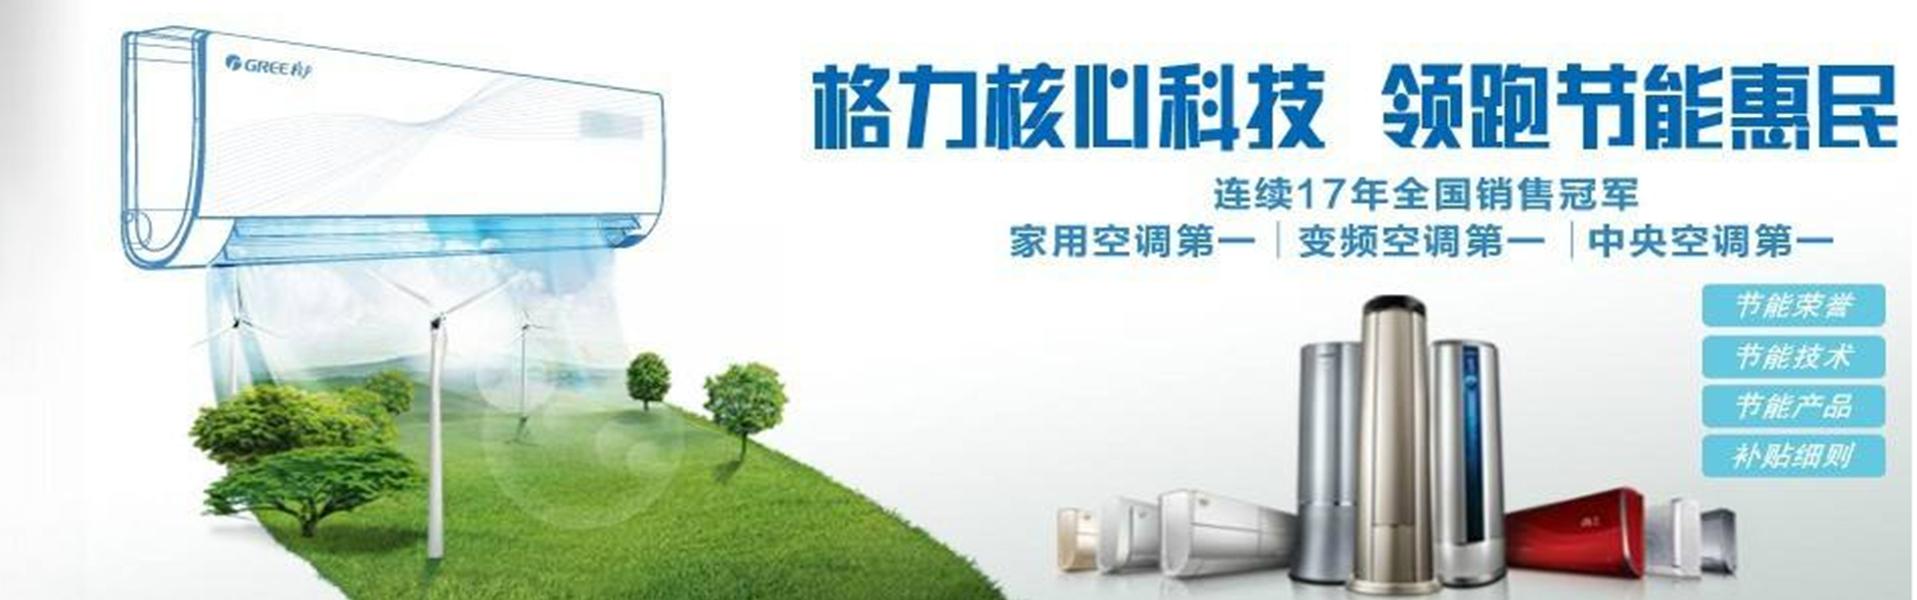 南阳市涵越电器有限公司